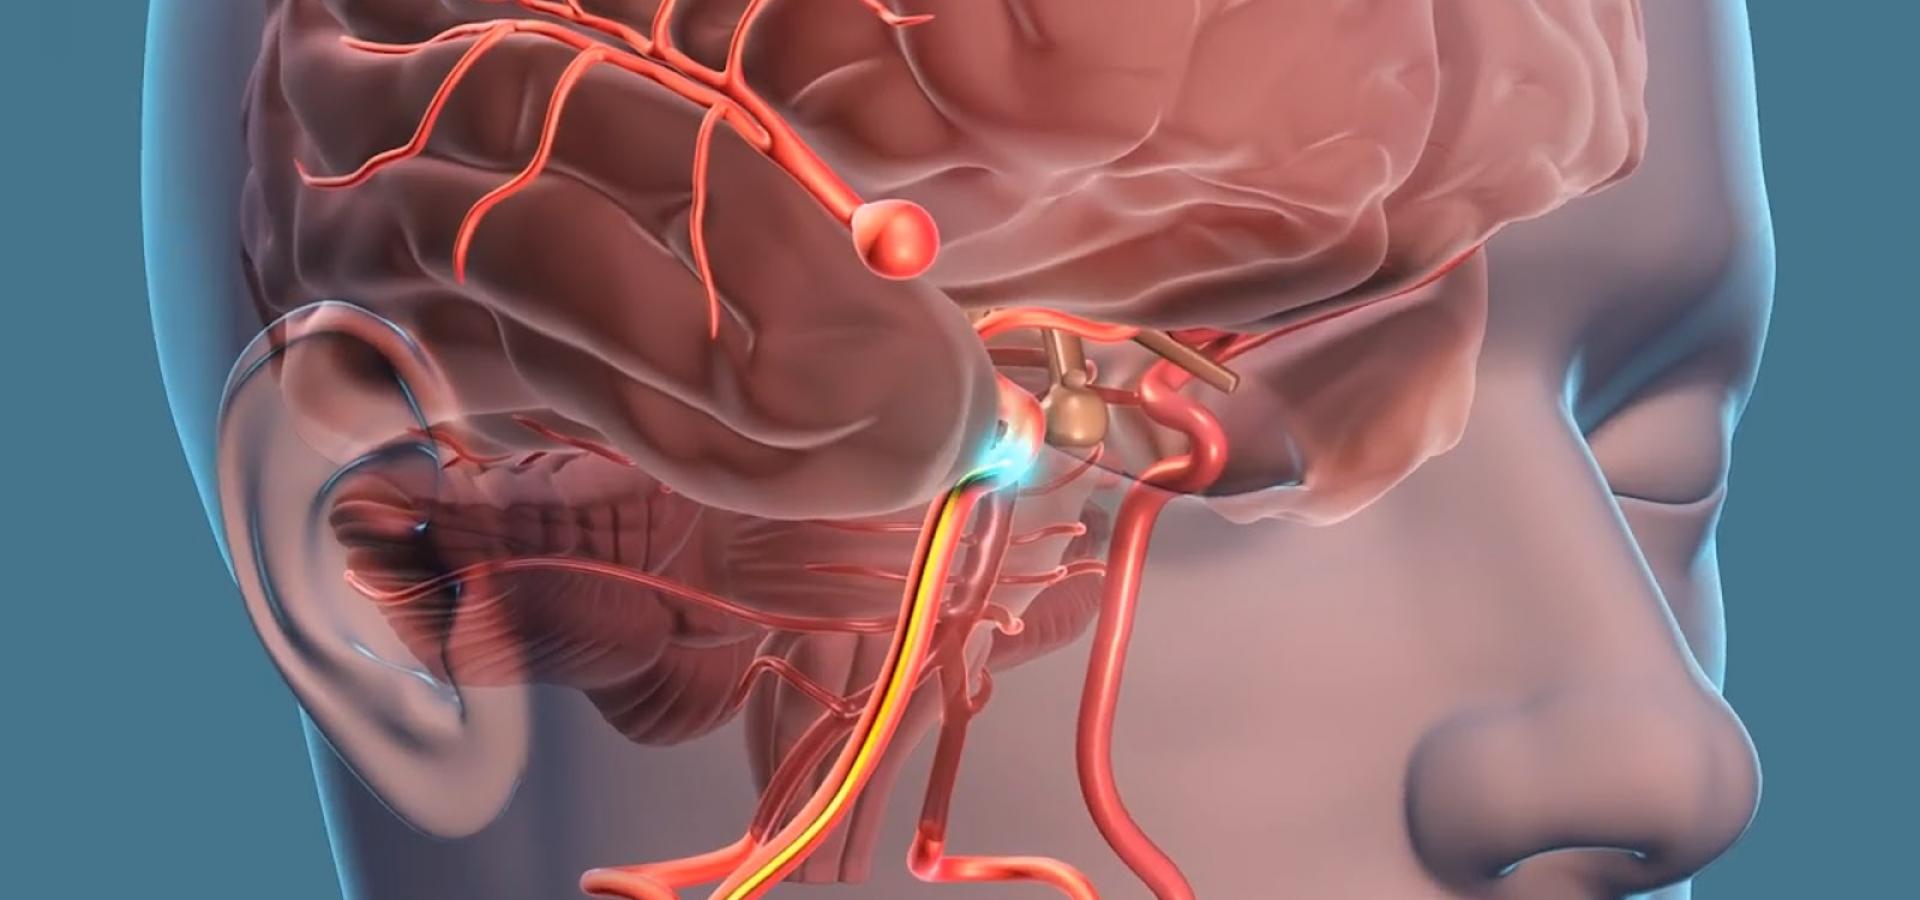 Аневризма сосудов головного мозга — большая медицинская энциклопедия